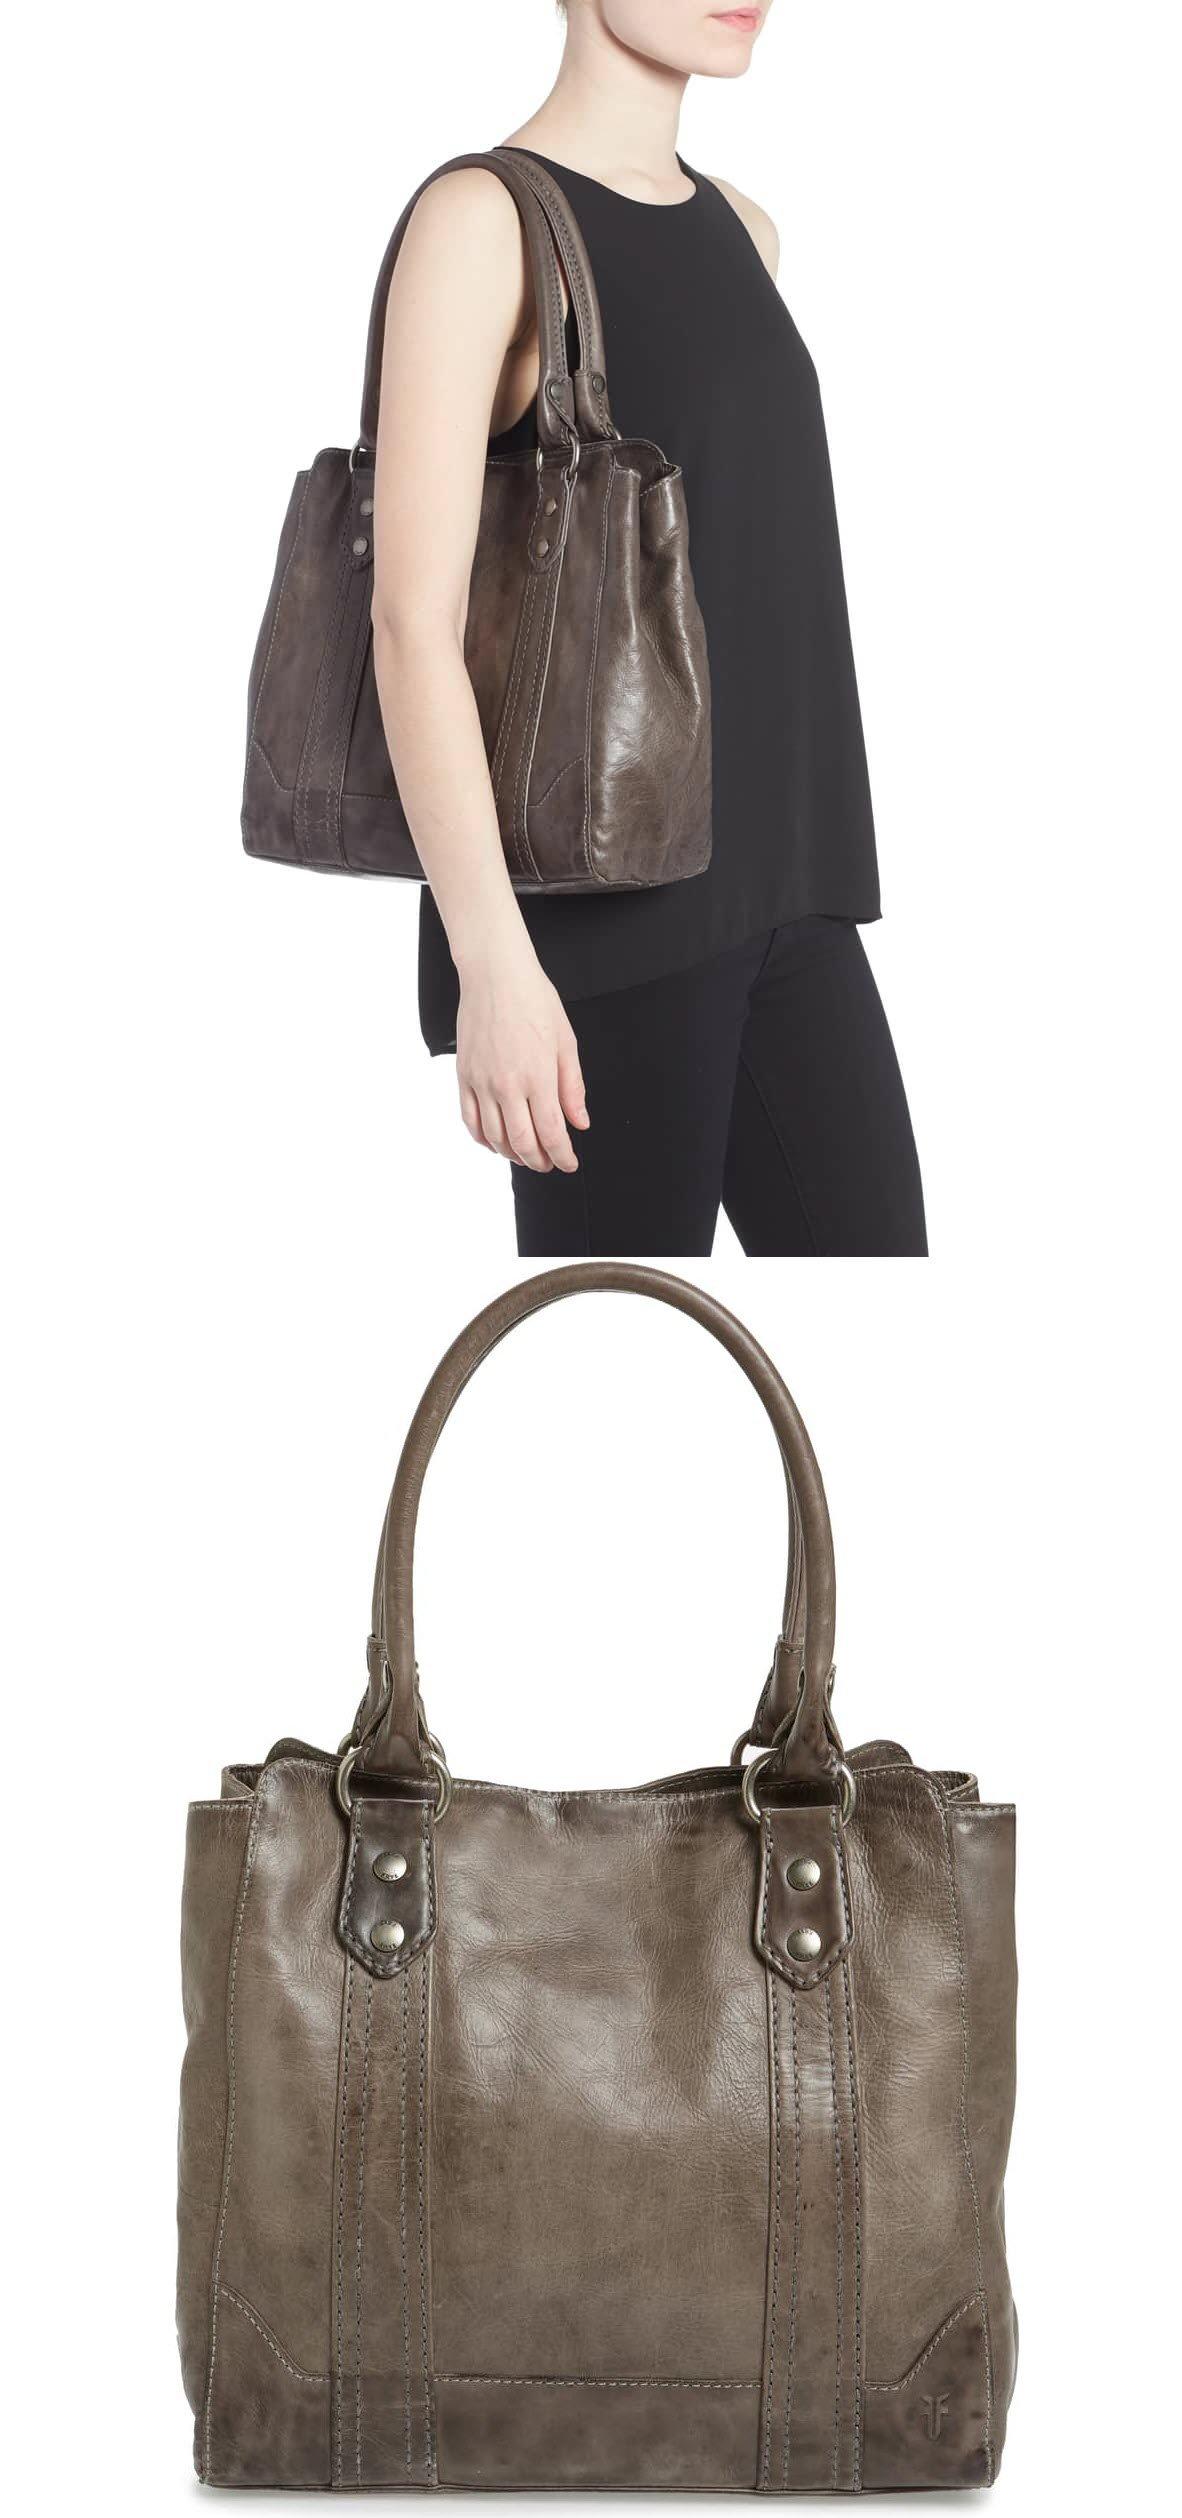 Budget Friendly Designer Handbags